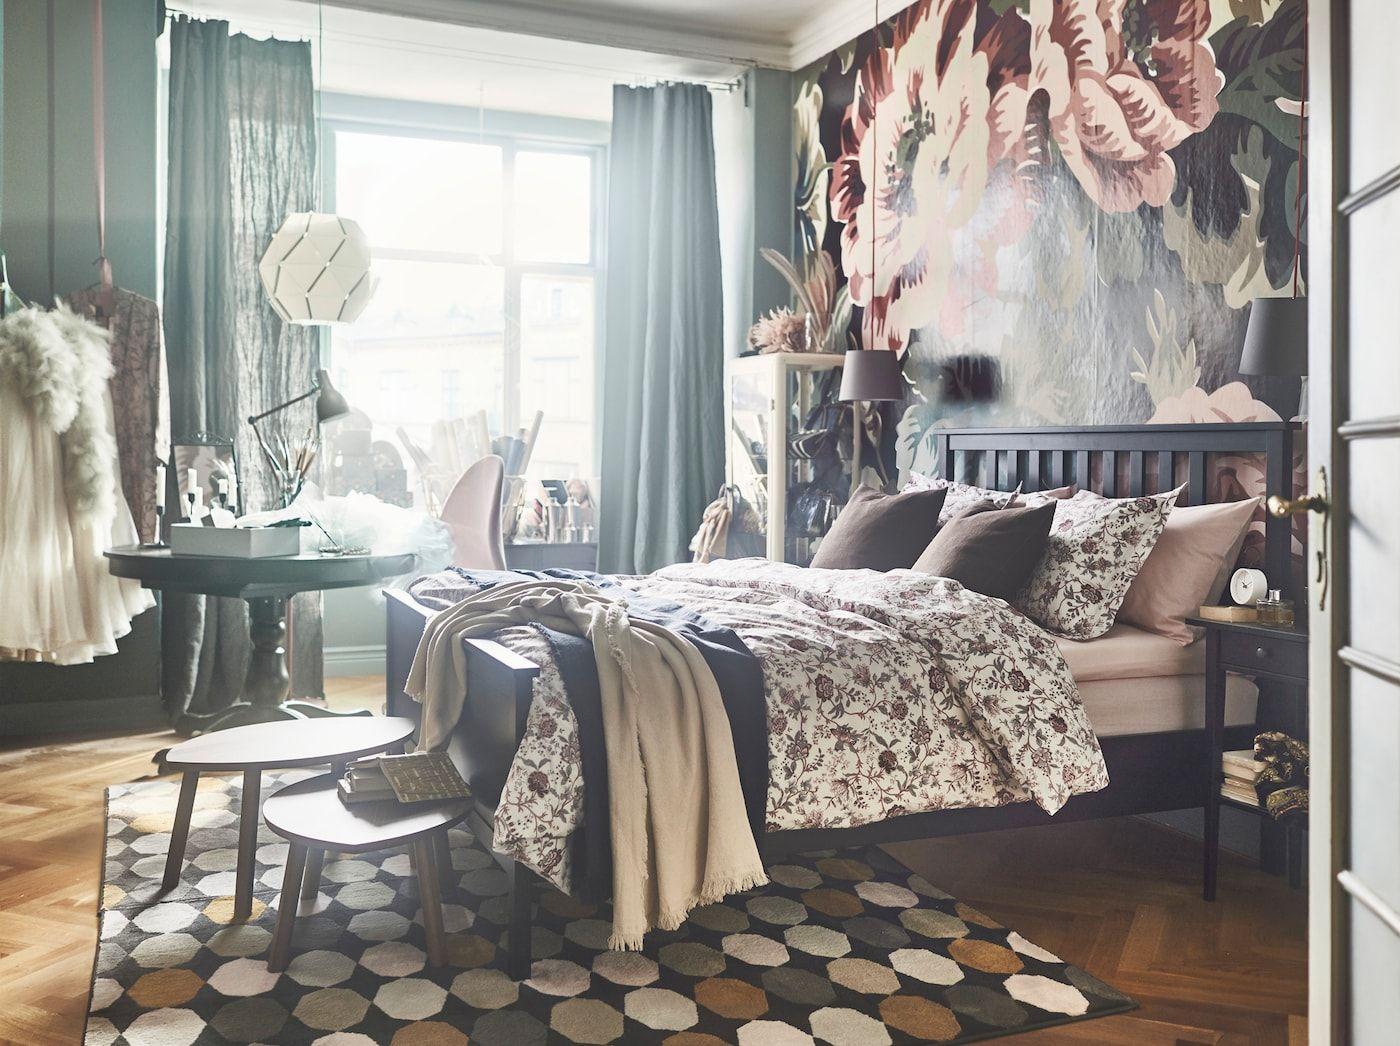 Bunte Schlafzimmereinrichtung Fur Fruhlingsgefuhle Schlafzimmer Einrichten Ikea Schlafzimmer Und Bett Mobel